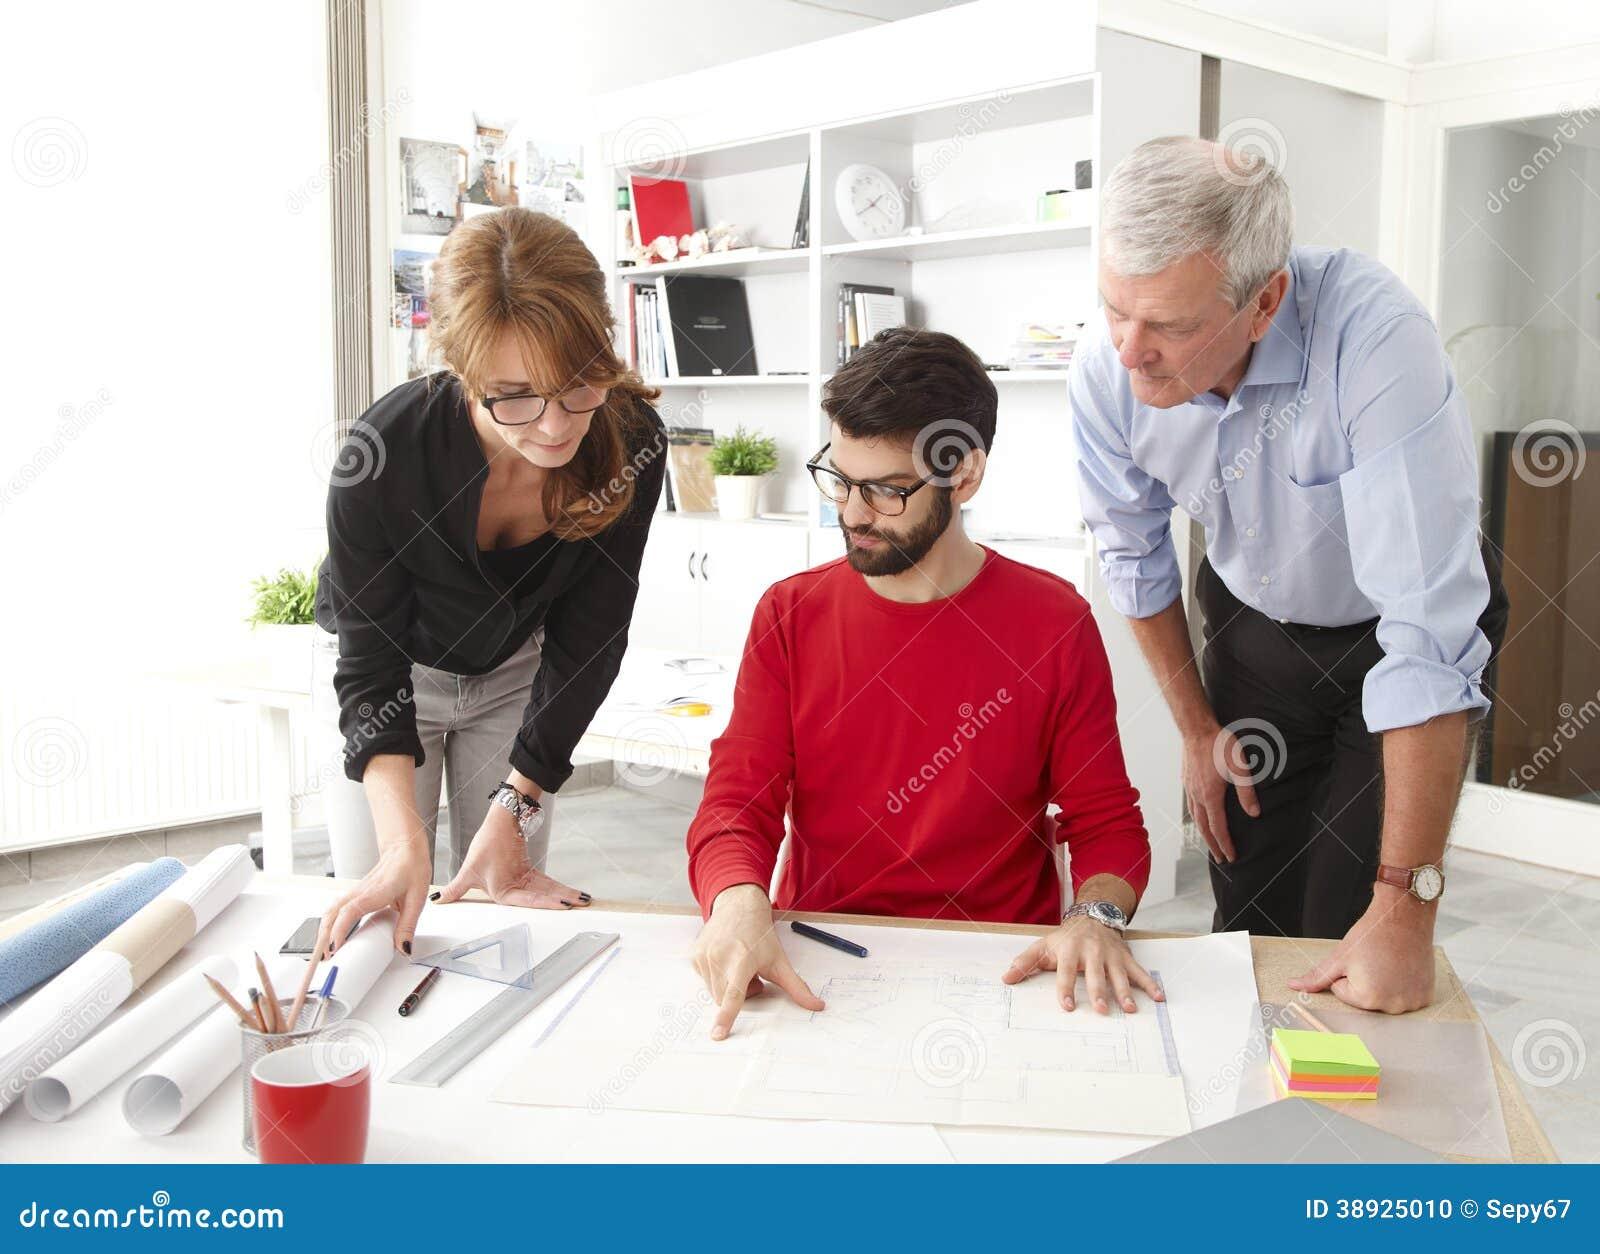 Επιχειρησιακή ομάδα στο μικρό στούντιο αρχιτεκτόνων